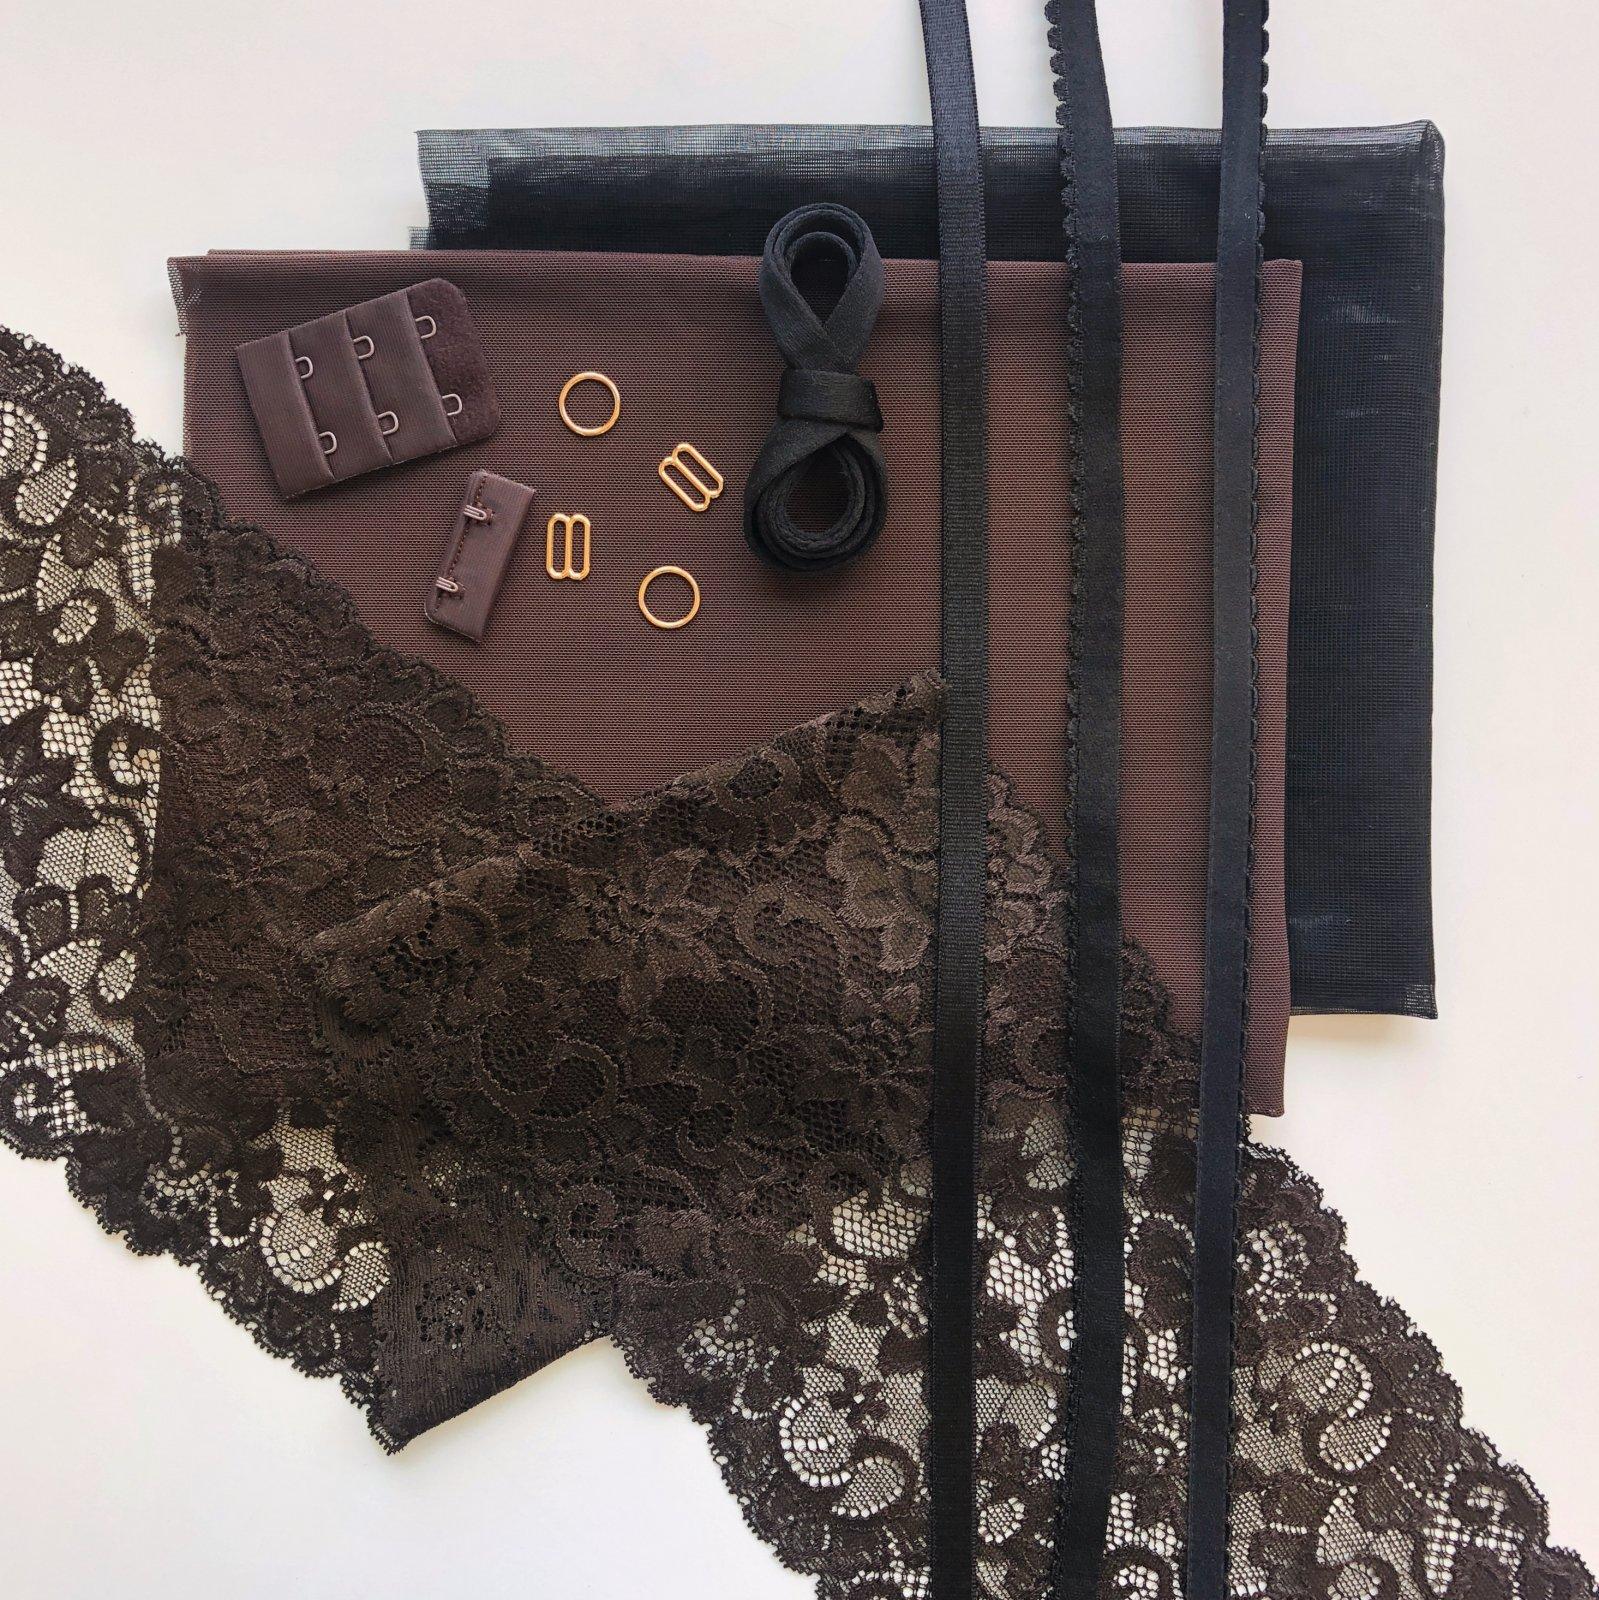 Lace Underwire Bra Kit - Cocoa